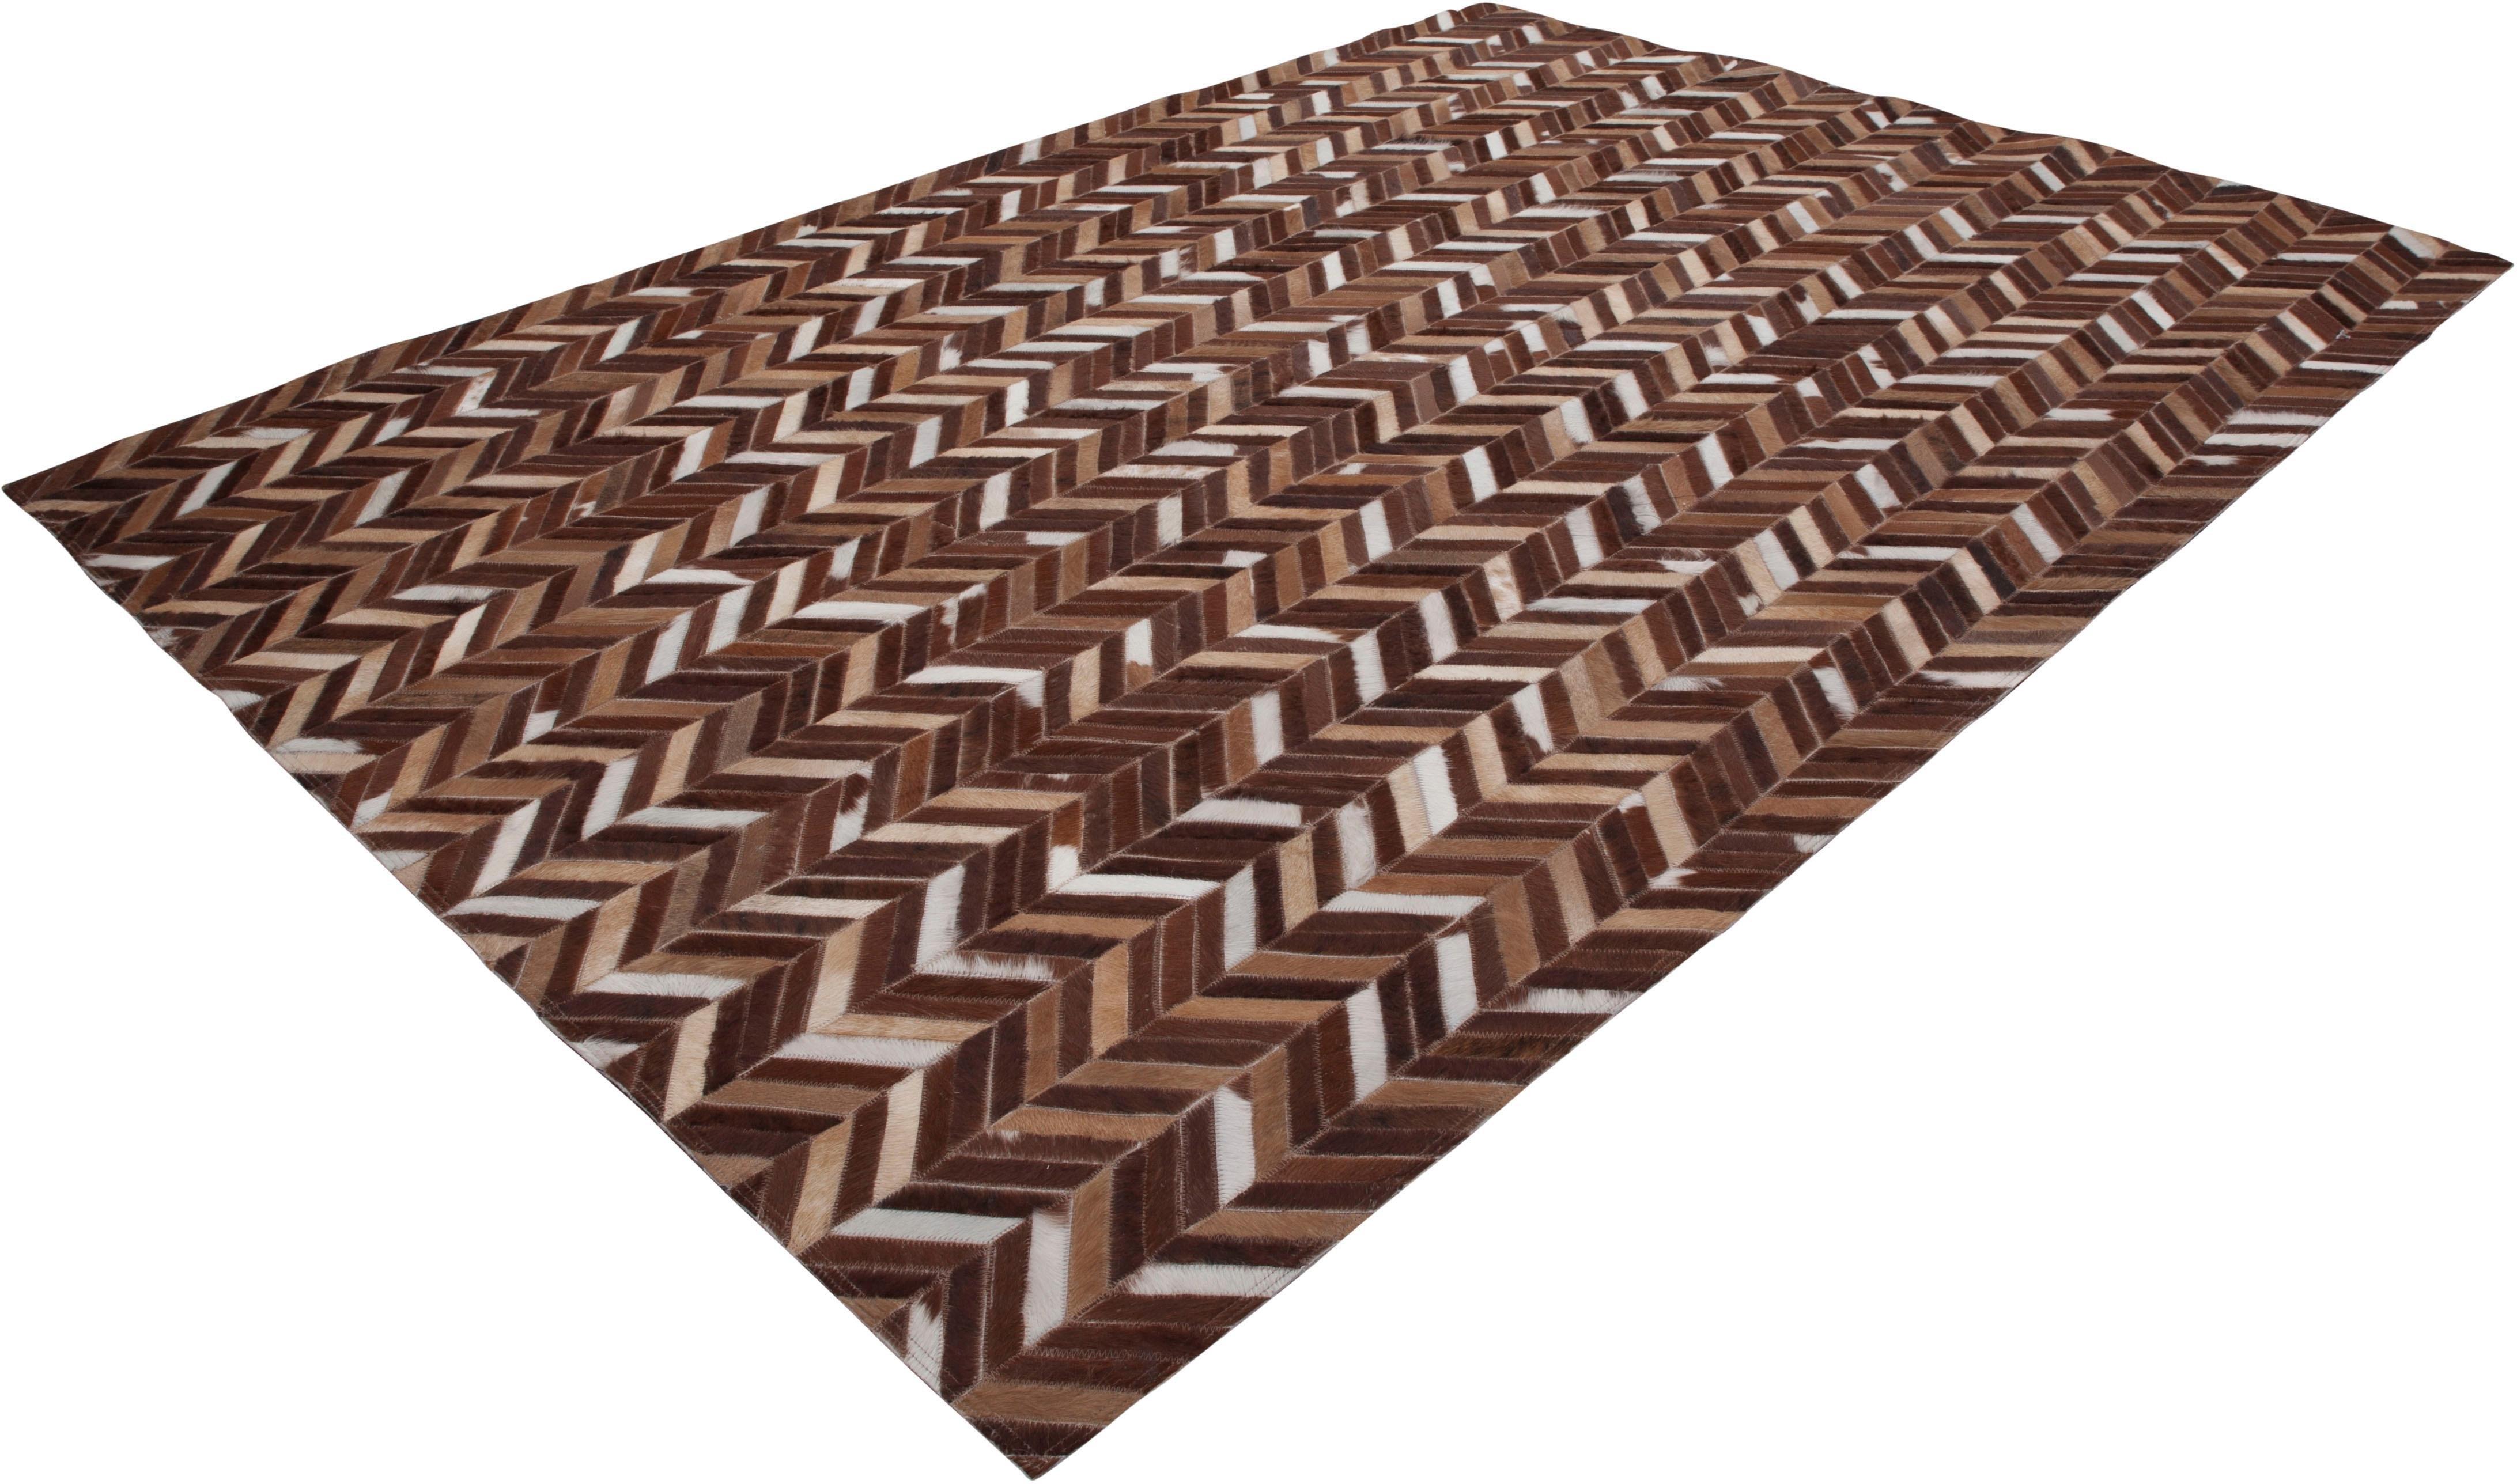 Calo-deluxe Leren vloerkleed, »Luxor 850«, rechthoekig, hoogte 8 mm, gelooid goedkoop op otto.nl kopen